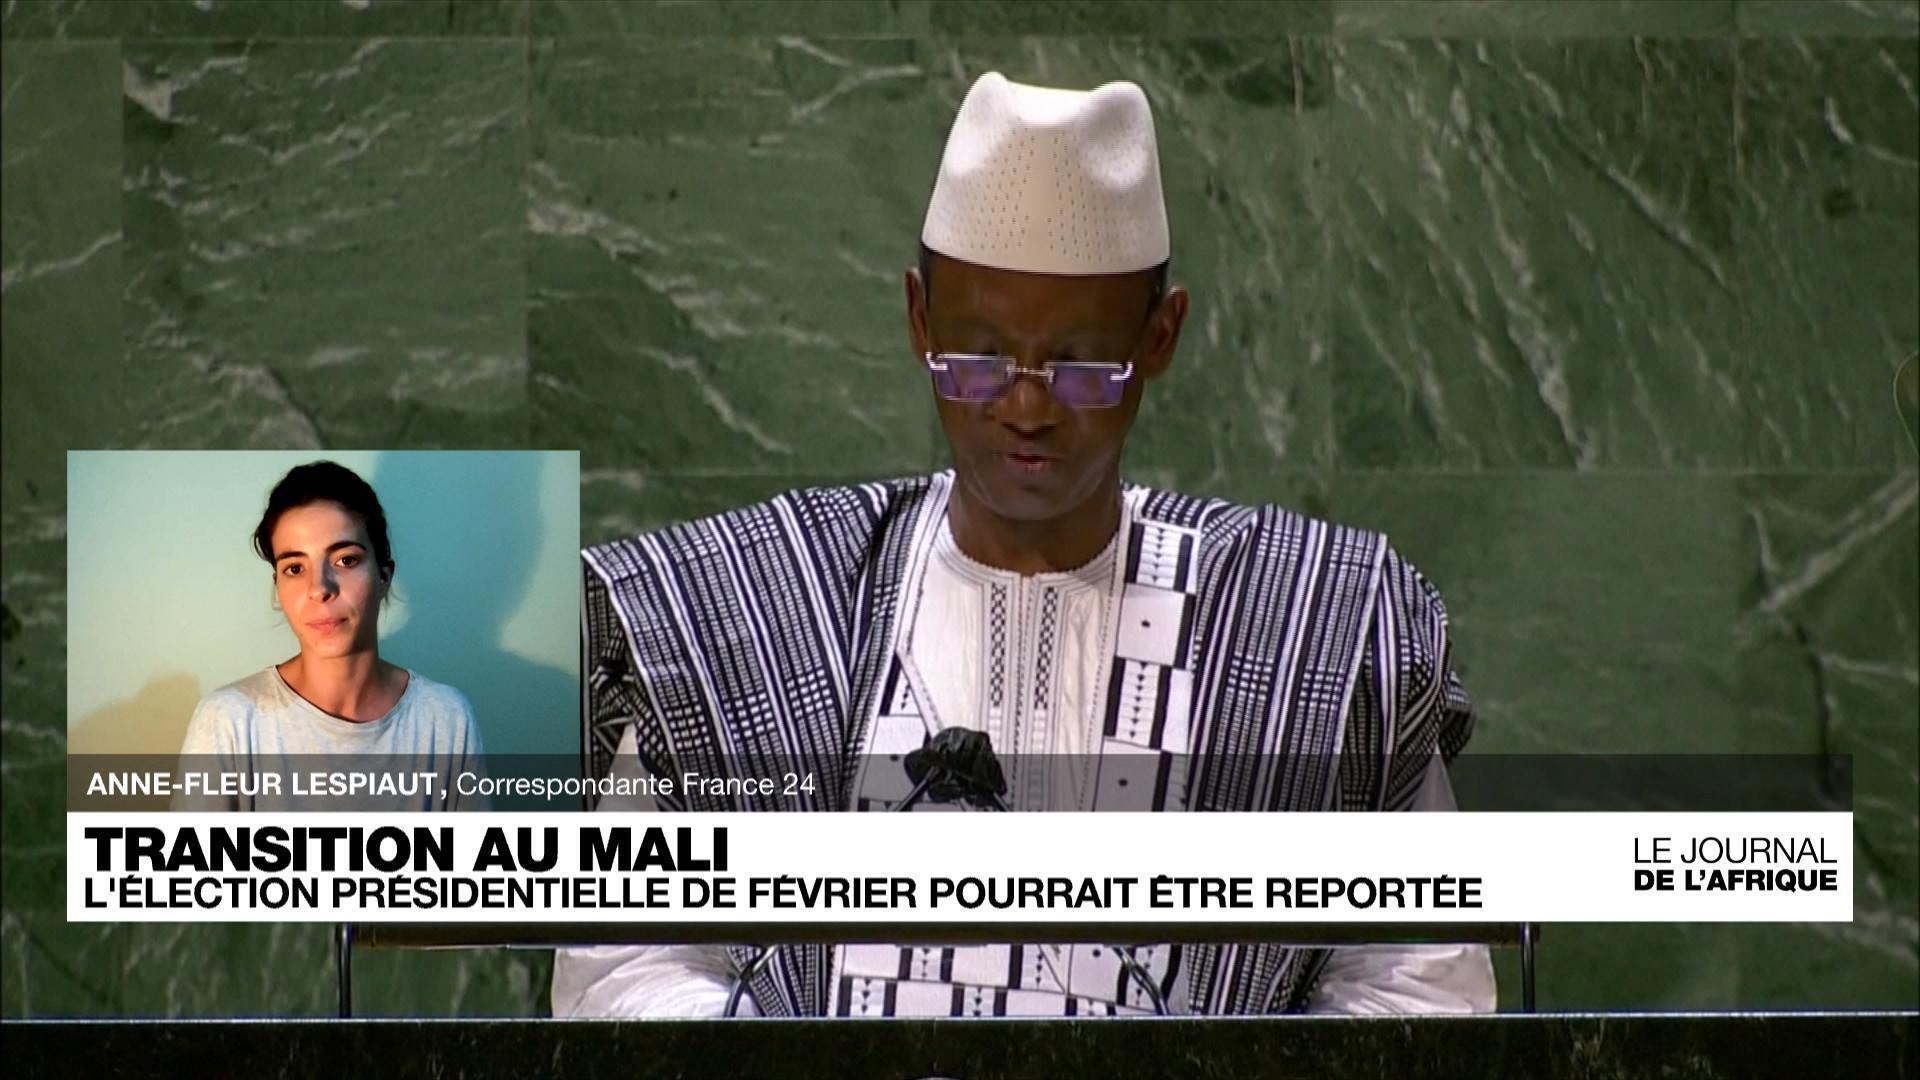 Mali : réactions partagées après l'annonce d'un possible report de l'élection présidentielle